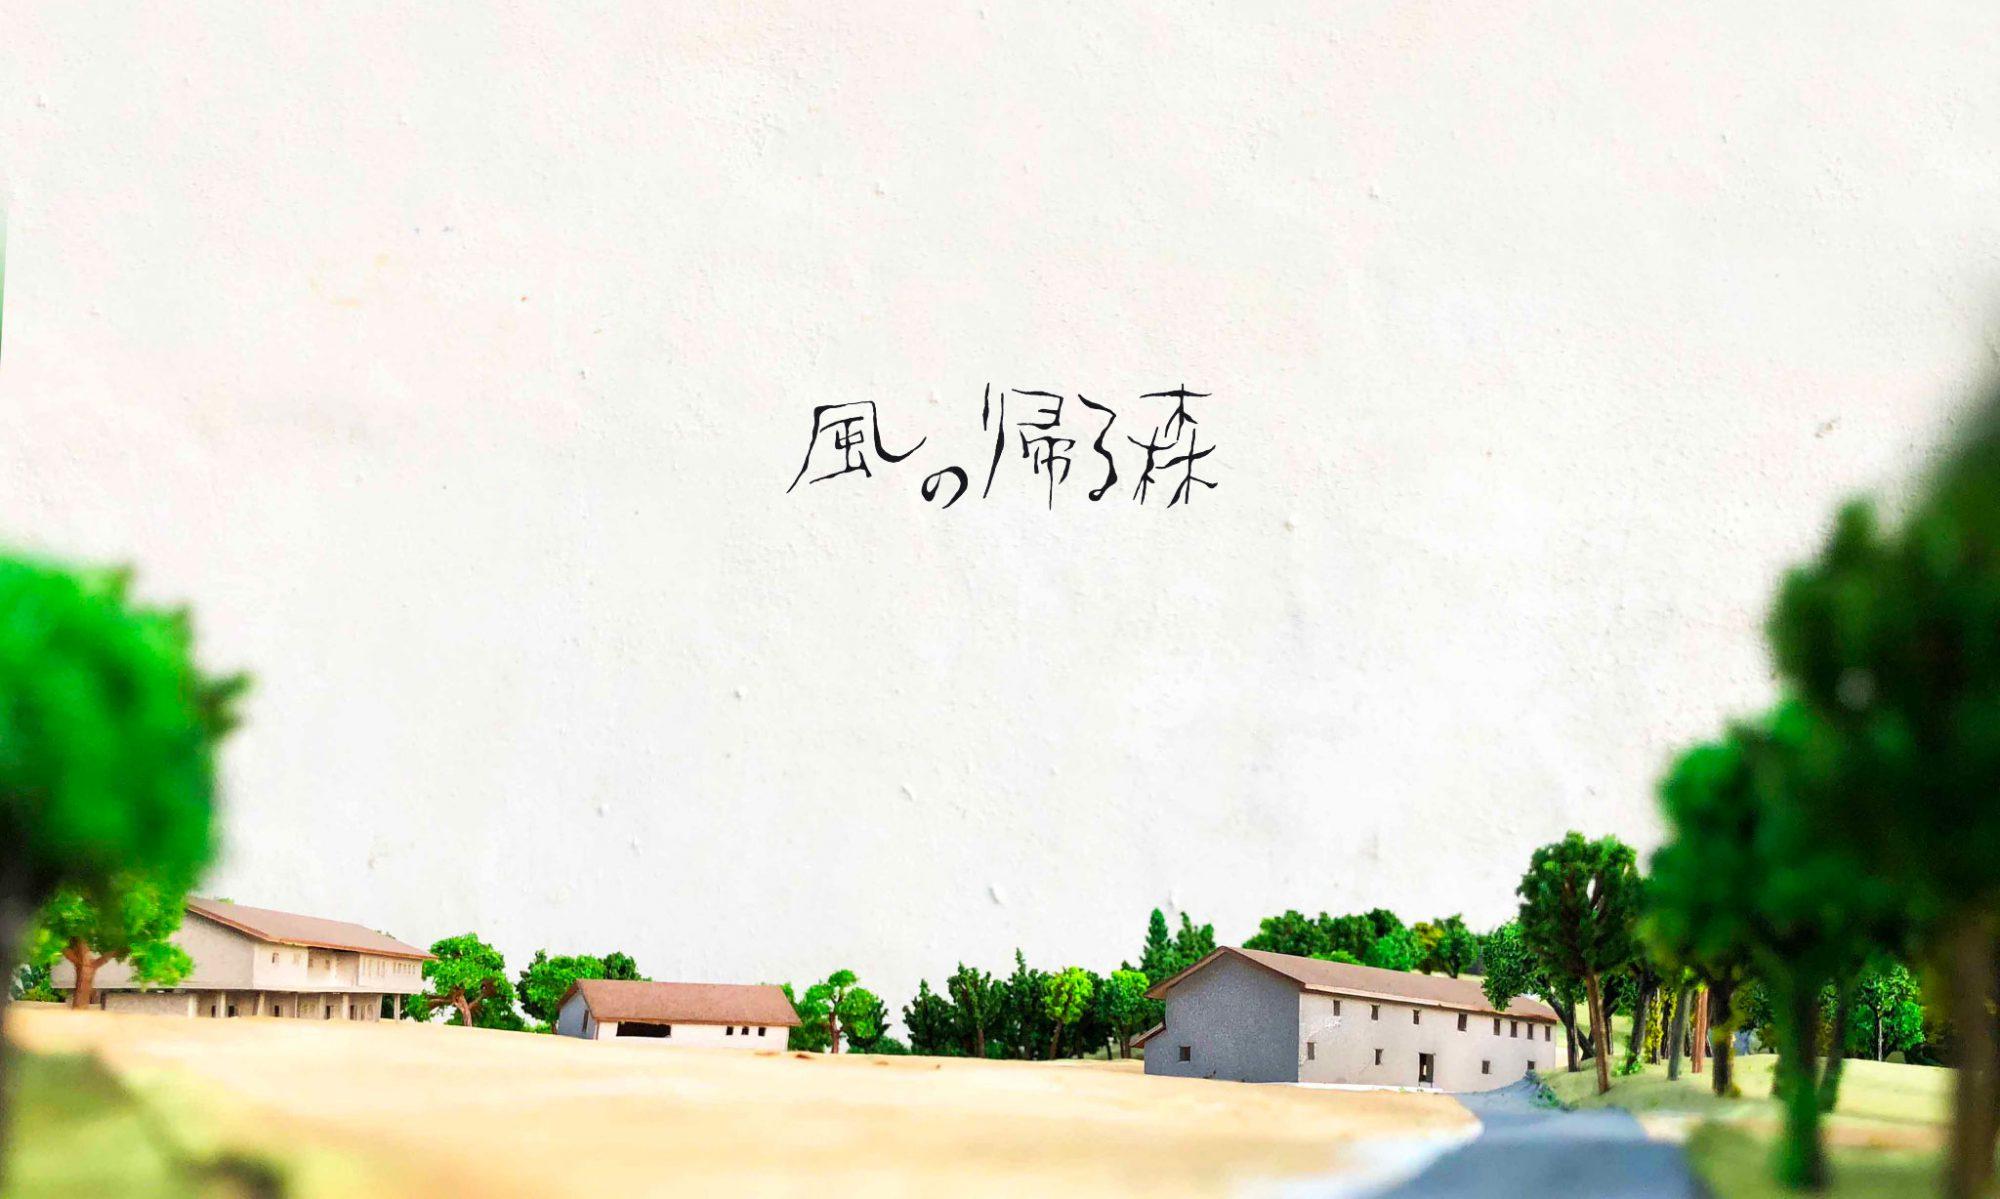 風の帰る森